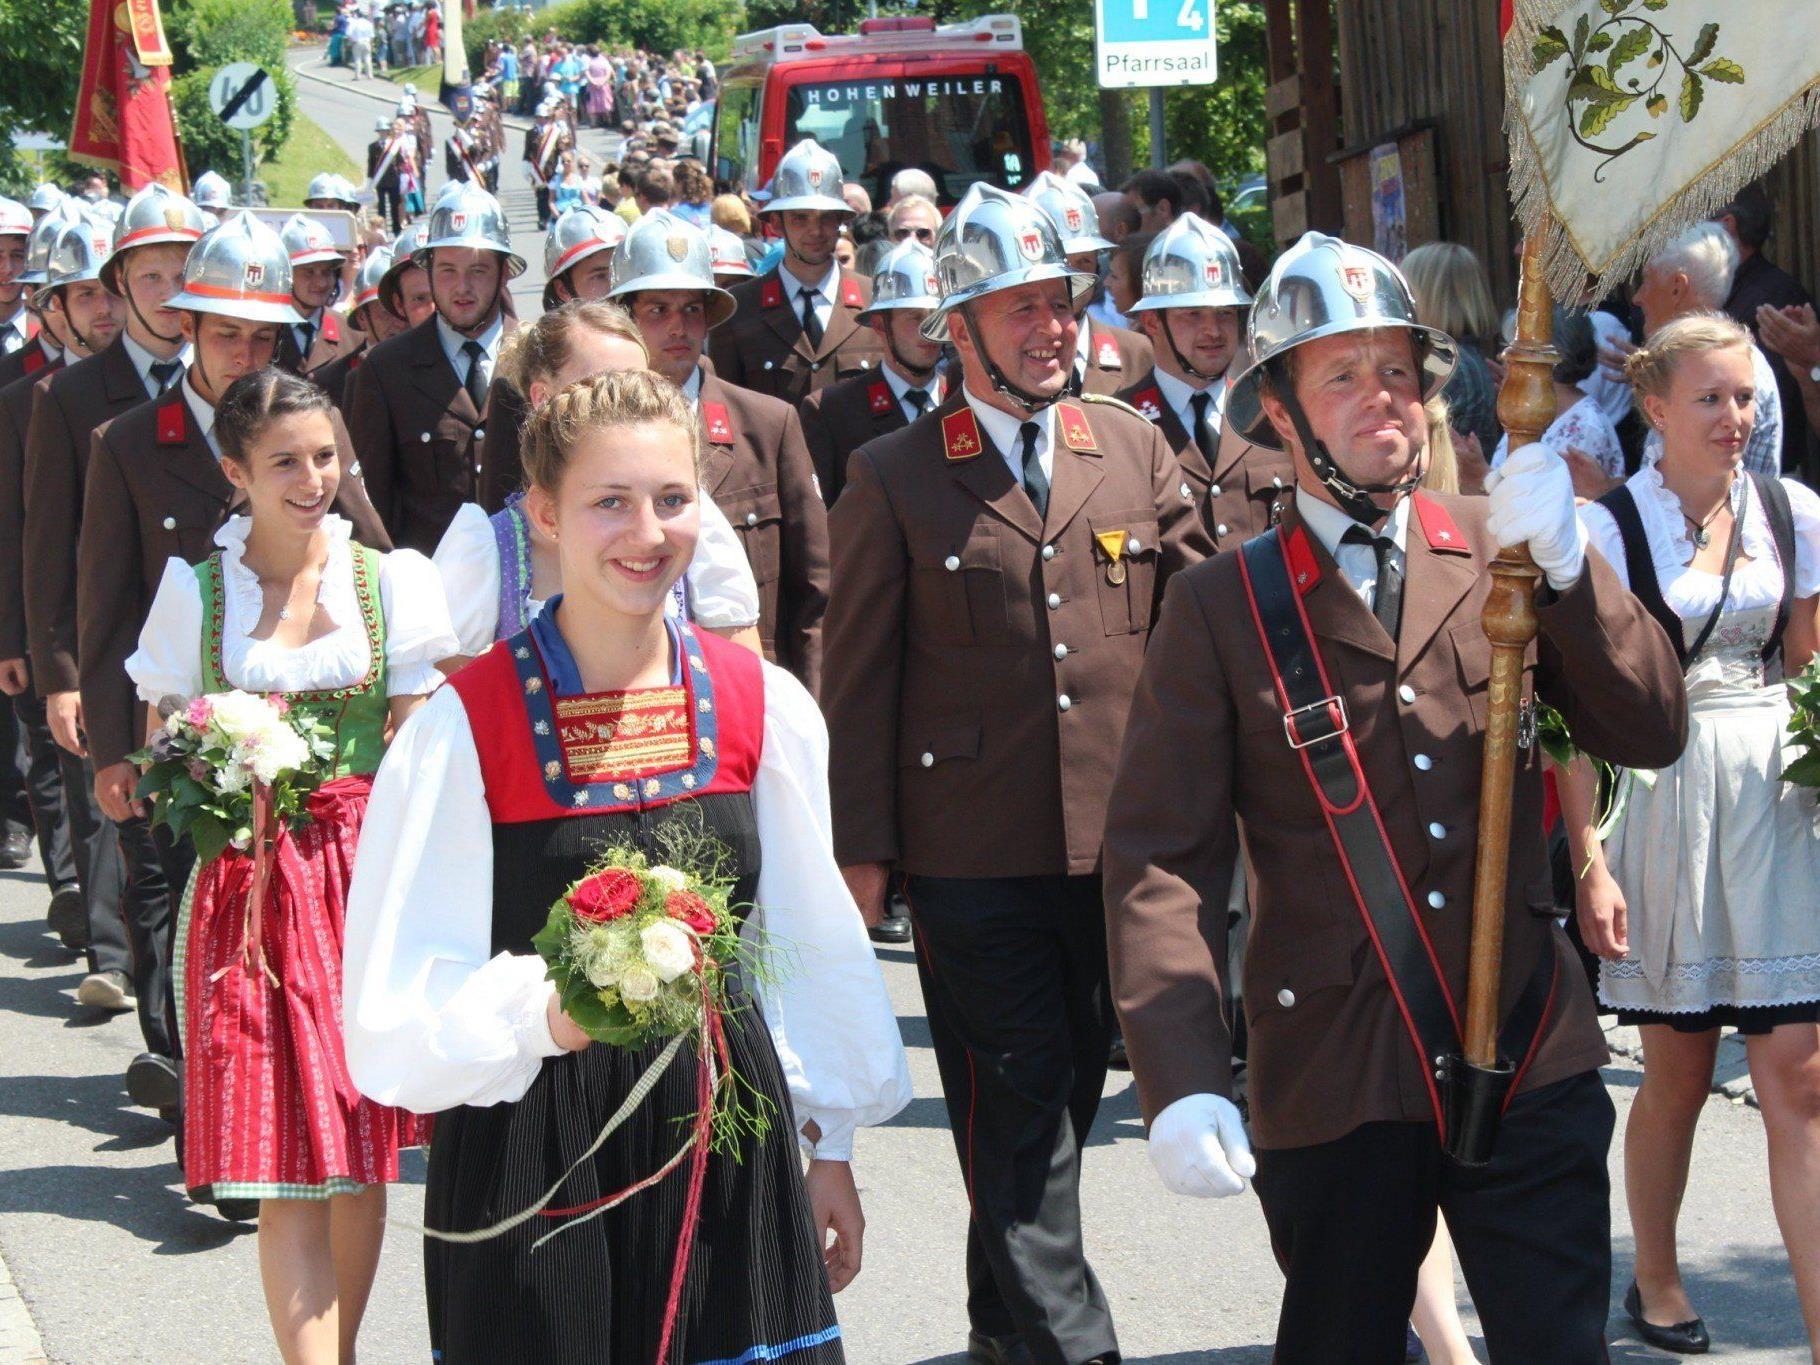 Festumzug bei Kaiserwetter durchs Bildsteiner Dorf.